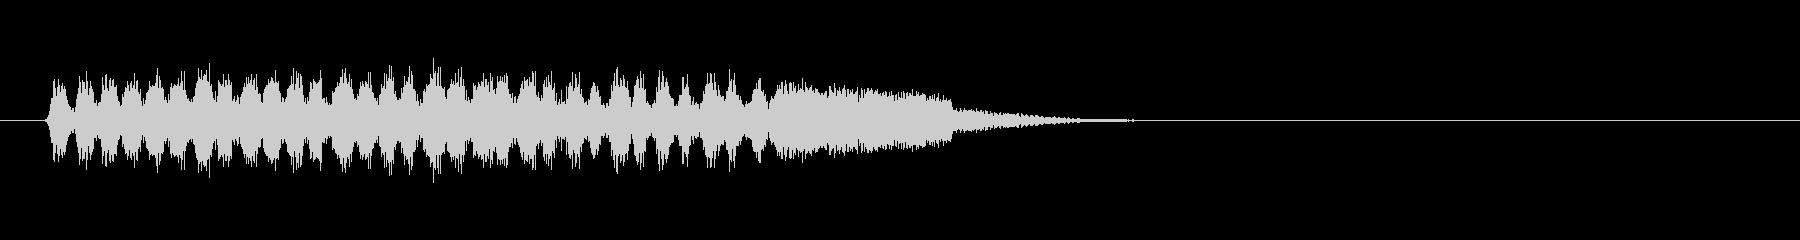 テーマ4B:ウッドウィンズの未再生の波形